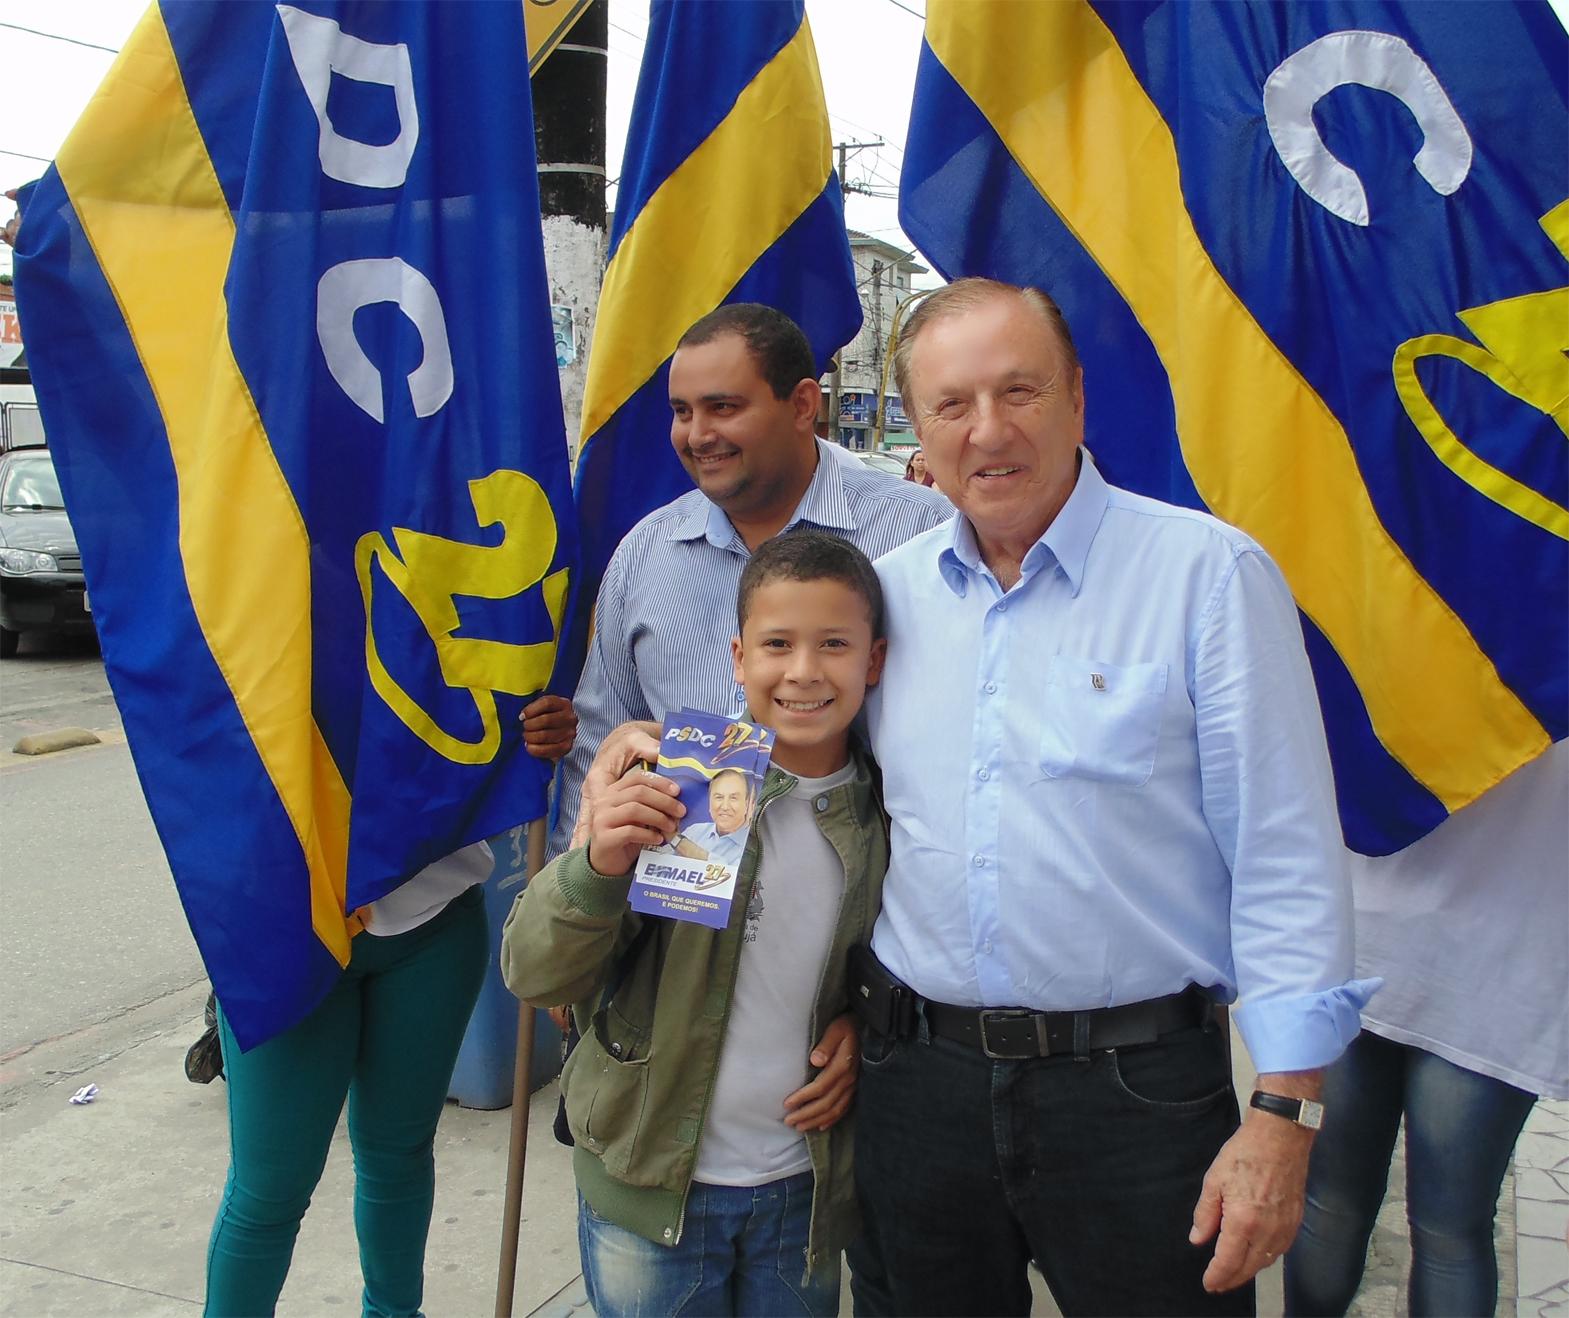 Eymael e um futuro Democrata Cristão do Litoral Sul.